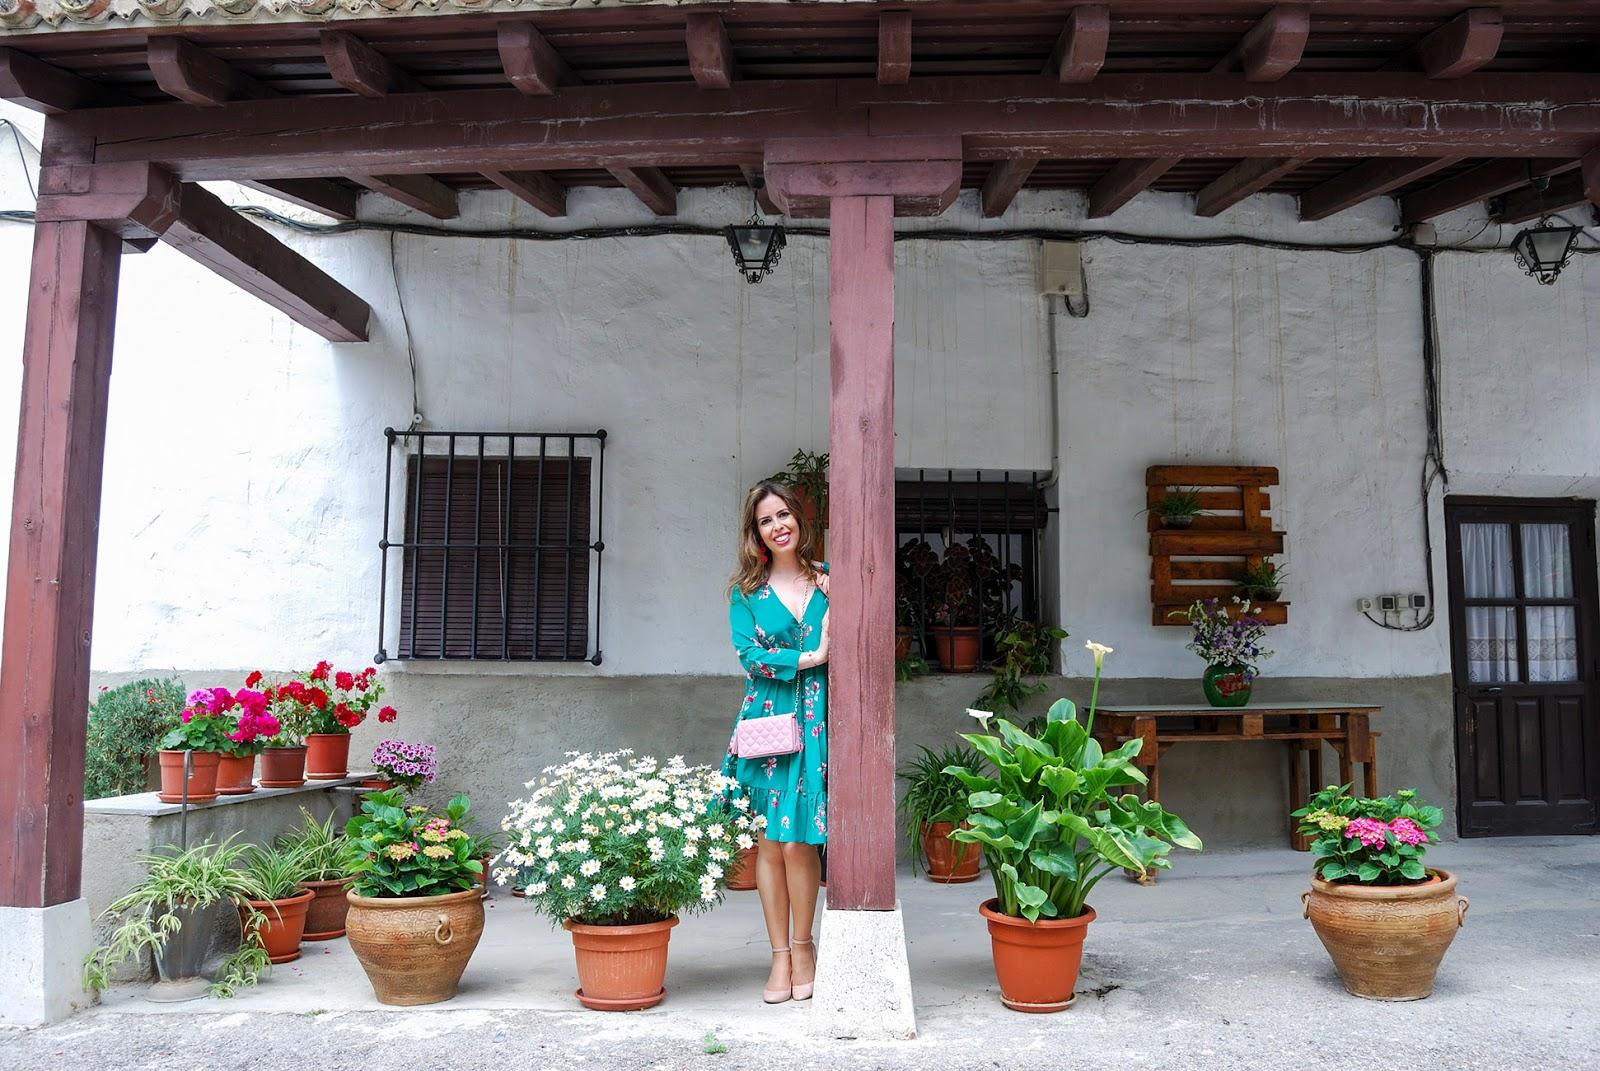 convento clarisas dulces tipicos chinchon madrid